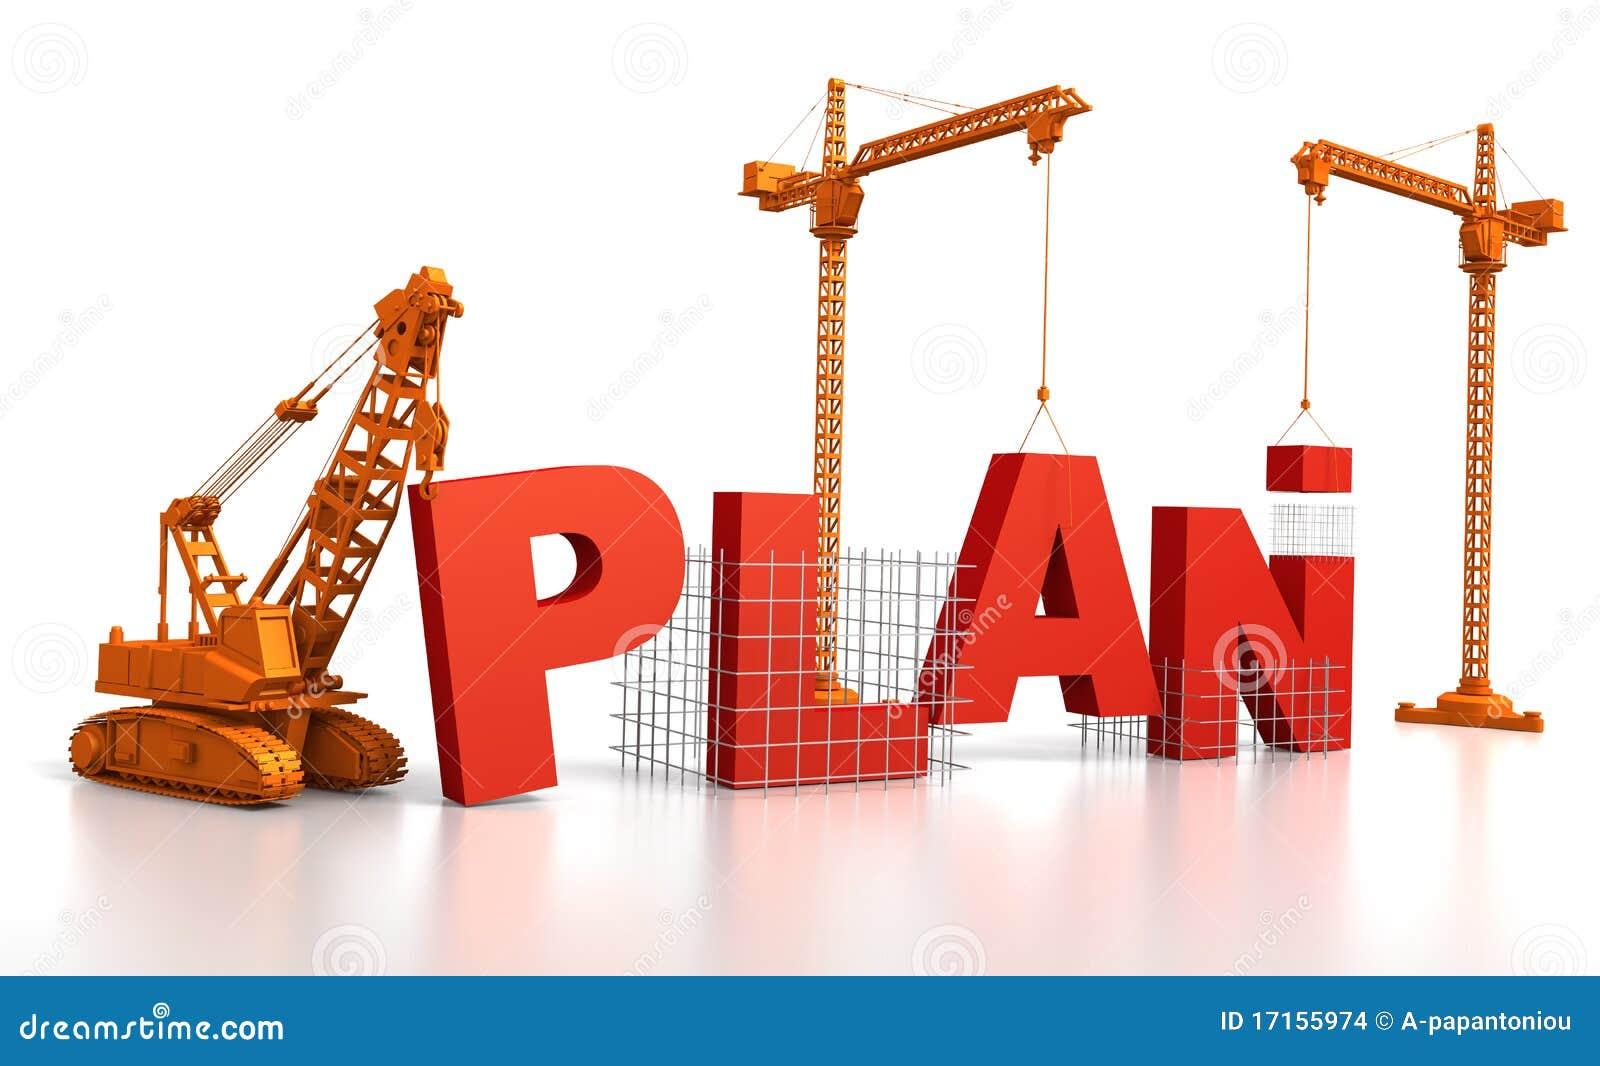 Building Action Plans